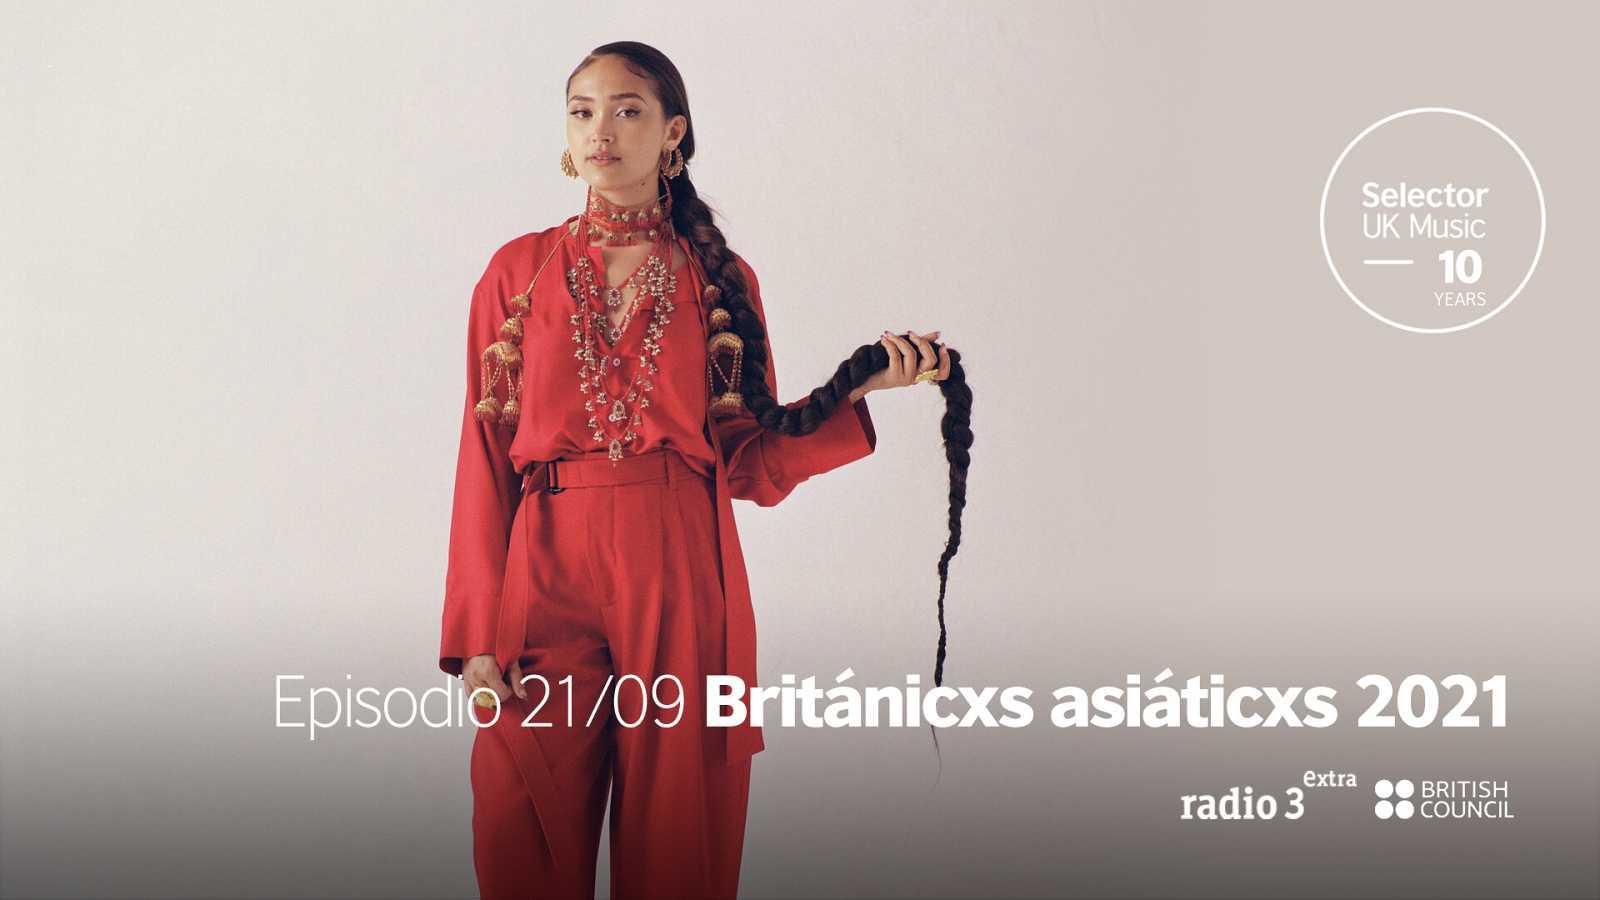 The Selector - Británicxs asiáticxs 2021 - 21/09/2021